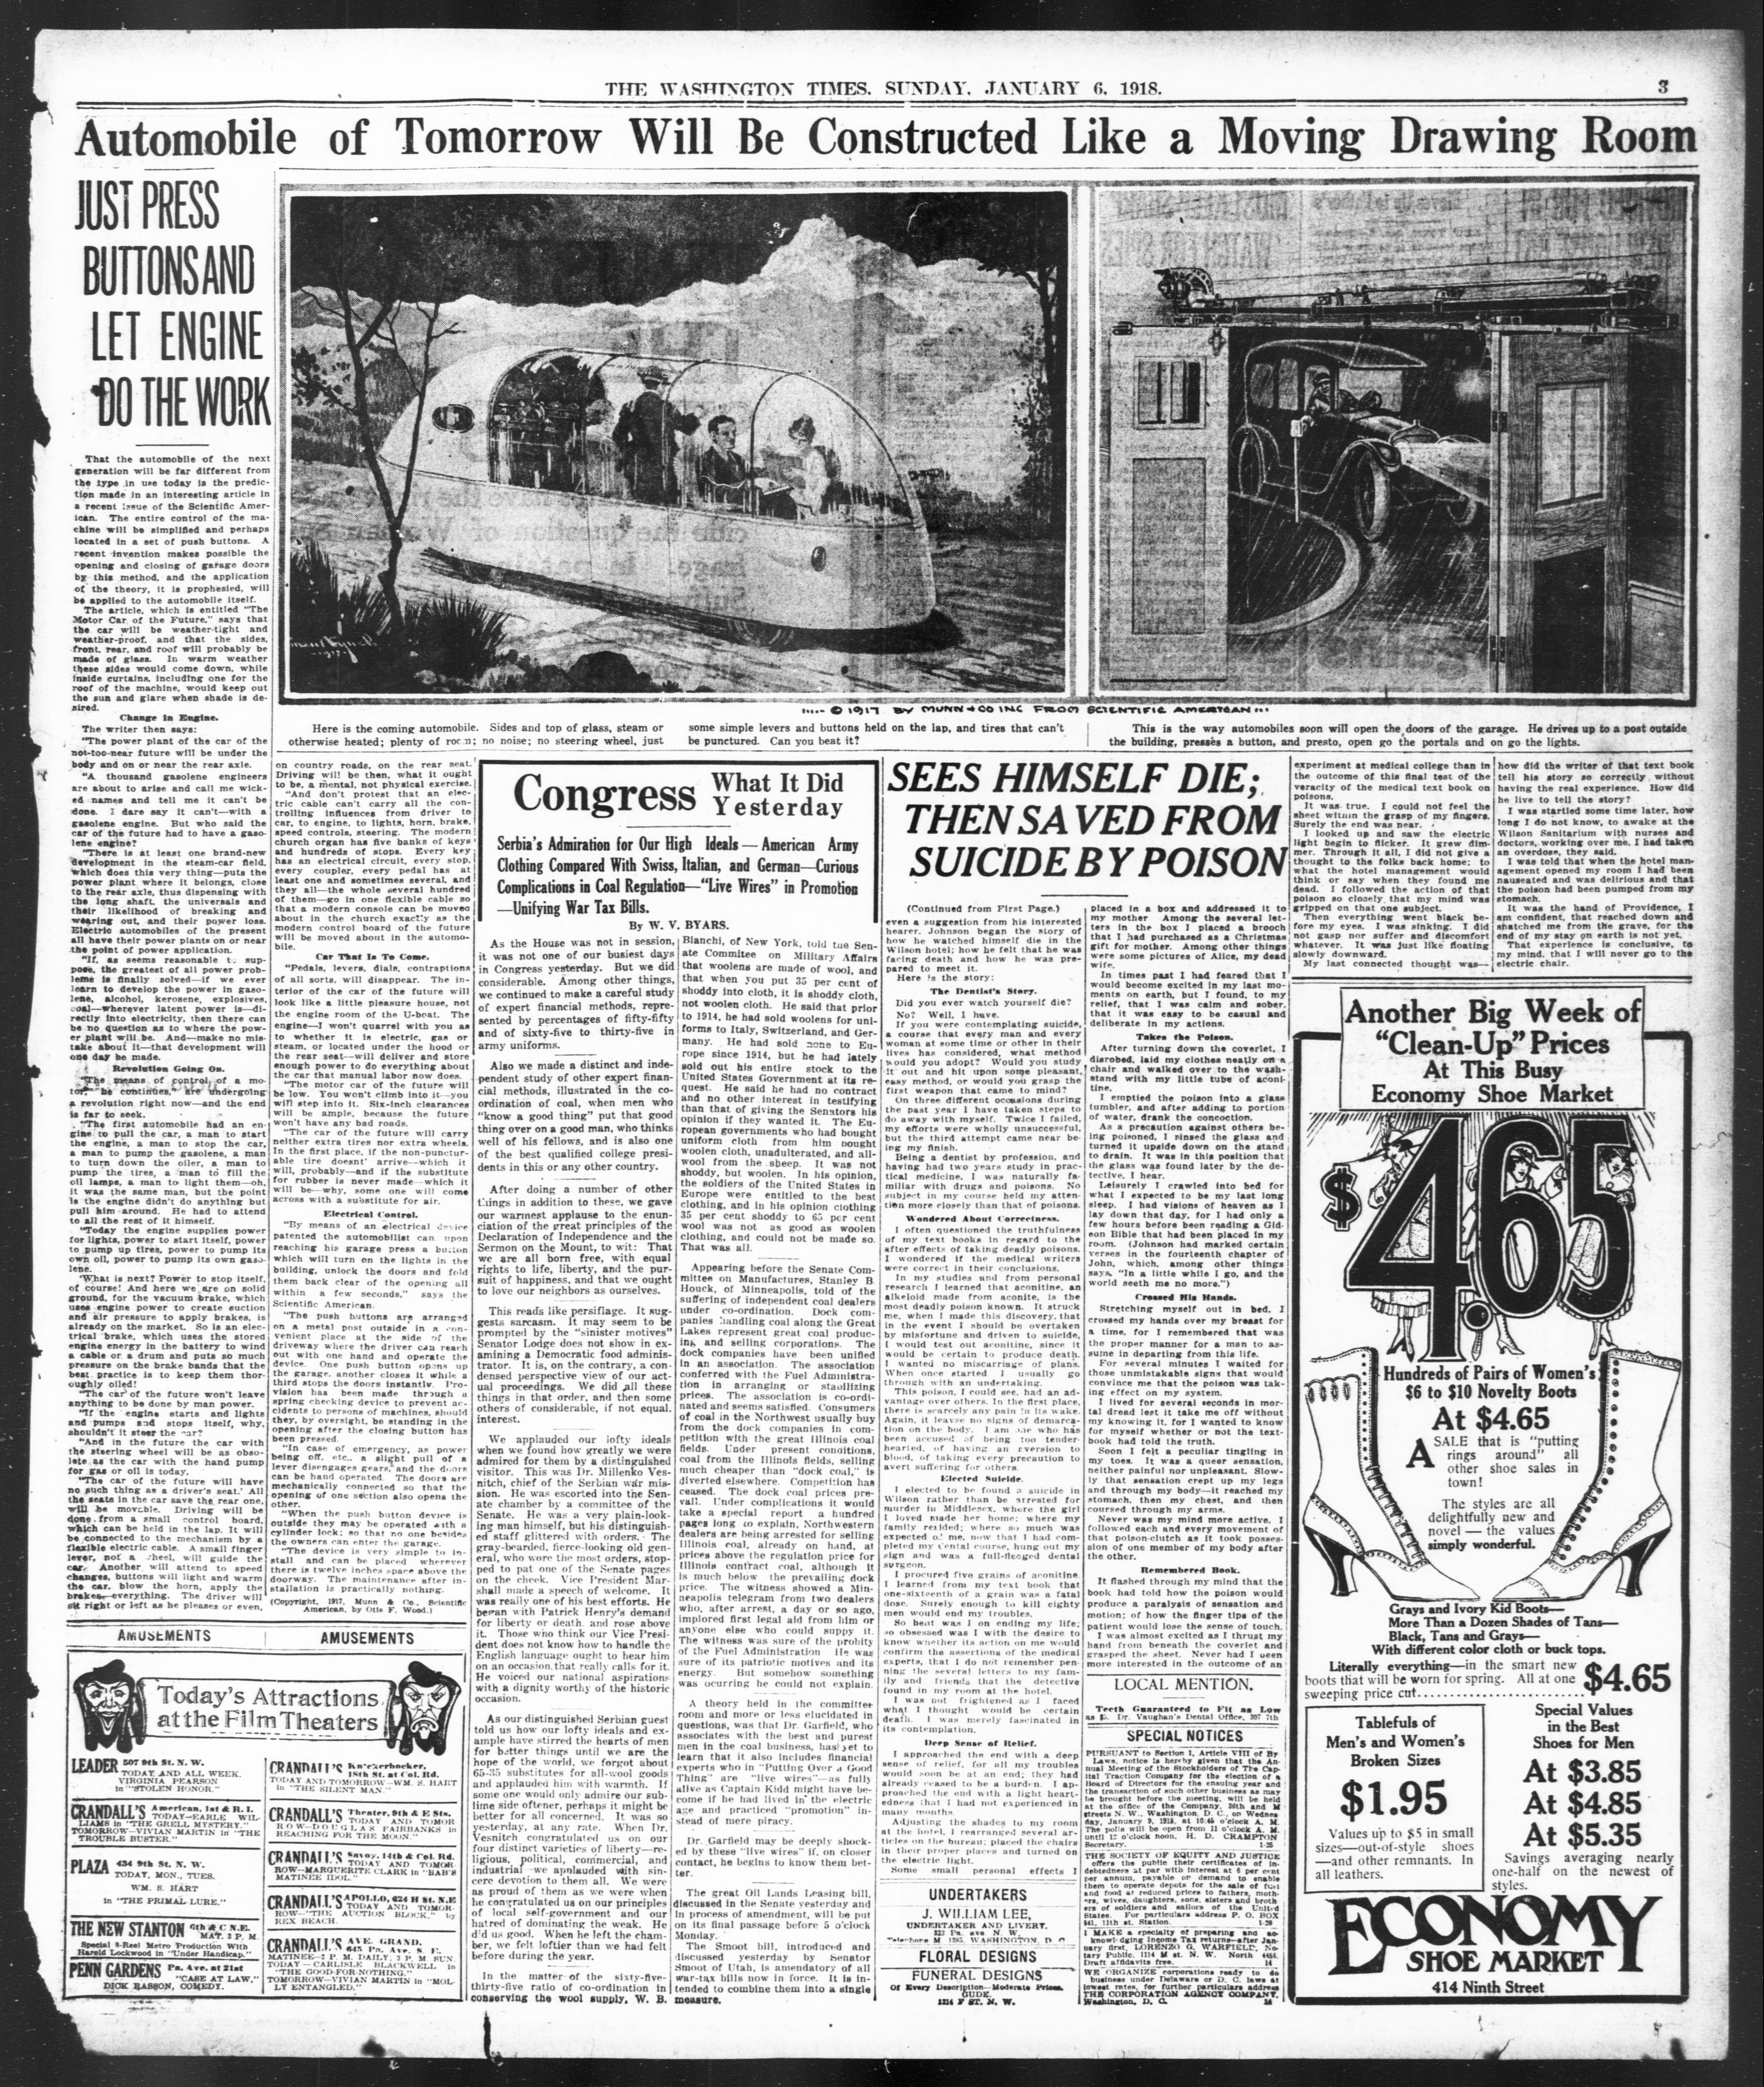 предсказание об автомобиле будущего - The Washington Times 1918